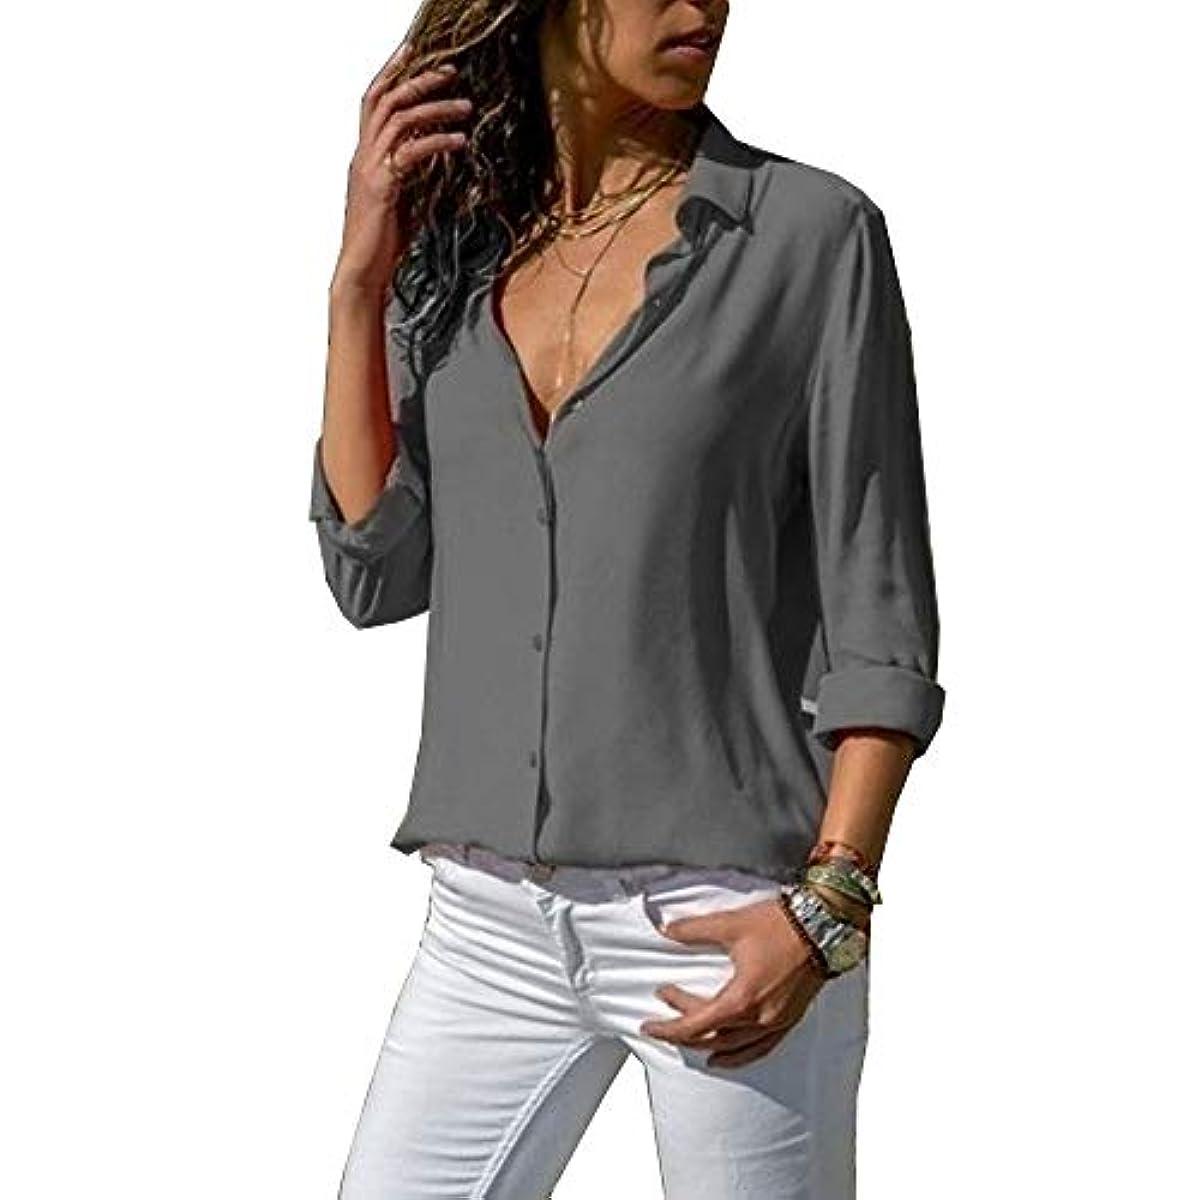 アクチュエータプレーヤー優先権MIFAN ルーズシャツ、トップス&Tシャツ、プラスサイズ、トップス&ブラウス、シフォンブラウス、女性トップス、シフォンシャツ